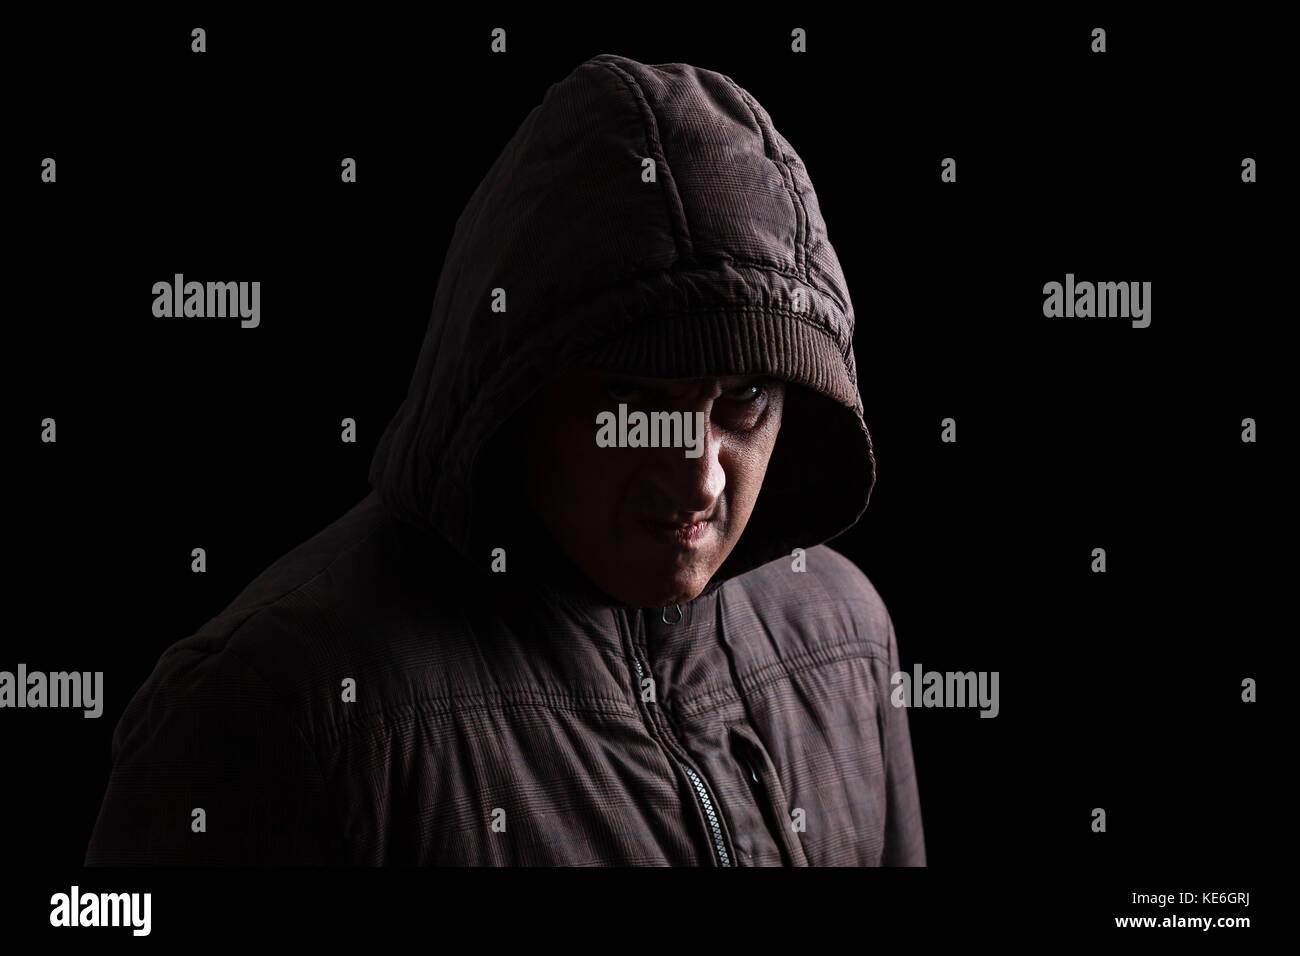 Avec l'homme et la colère refoulée instinct violents se cachant dans les ombres. debout dans l'obscurité Photo Stock